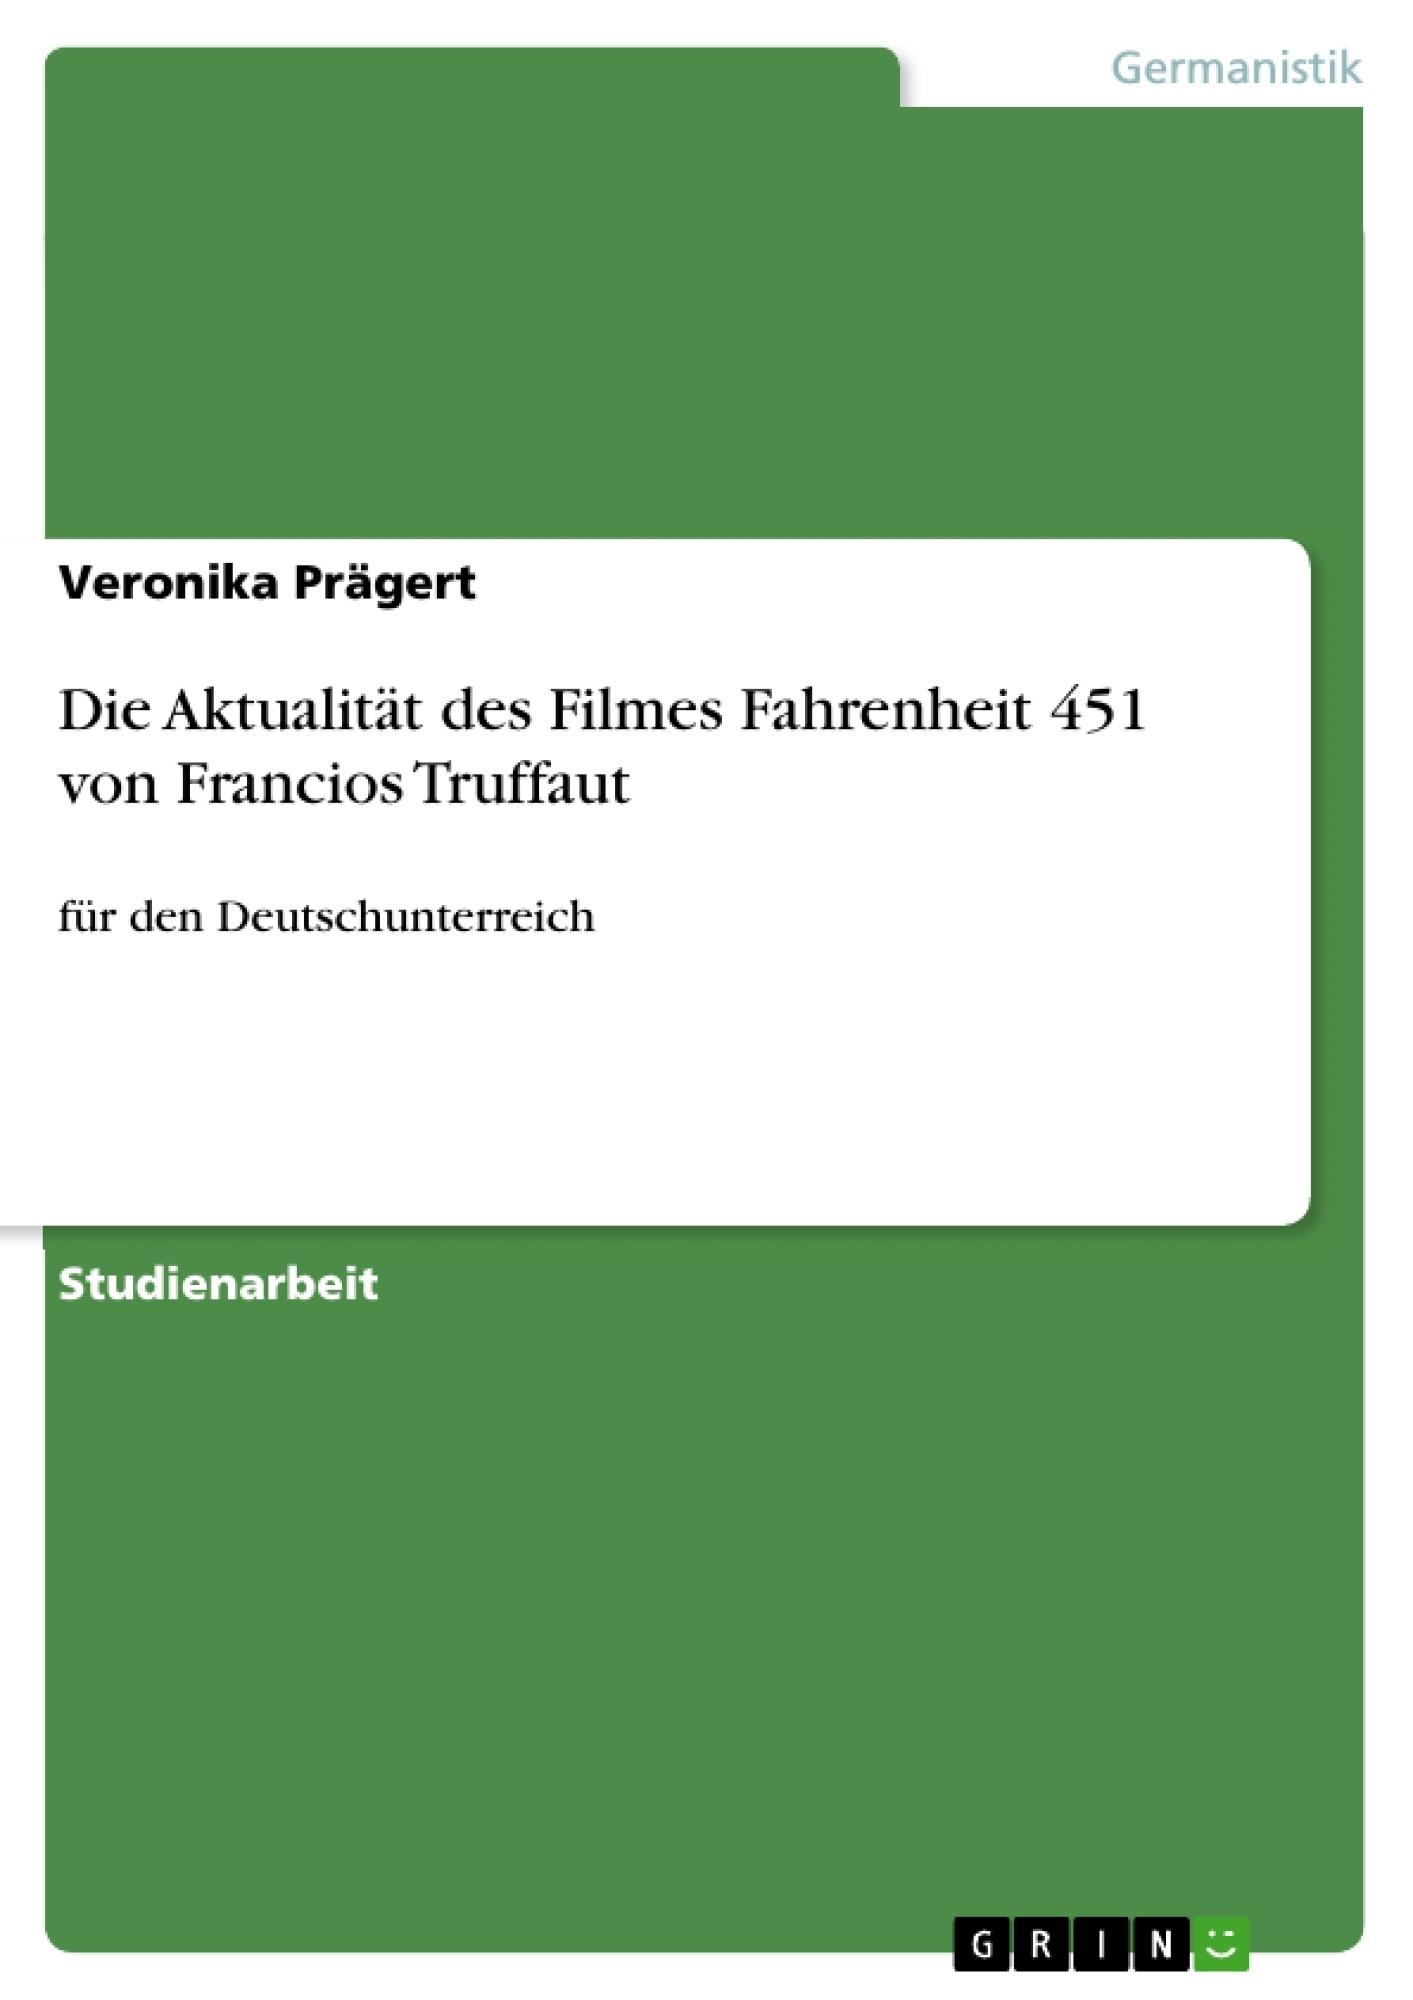 Titel: Die Aktualität des Filmes Fahrenheit 451 von Francios Truffaut